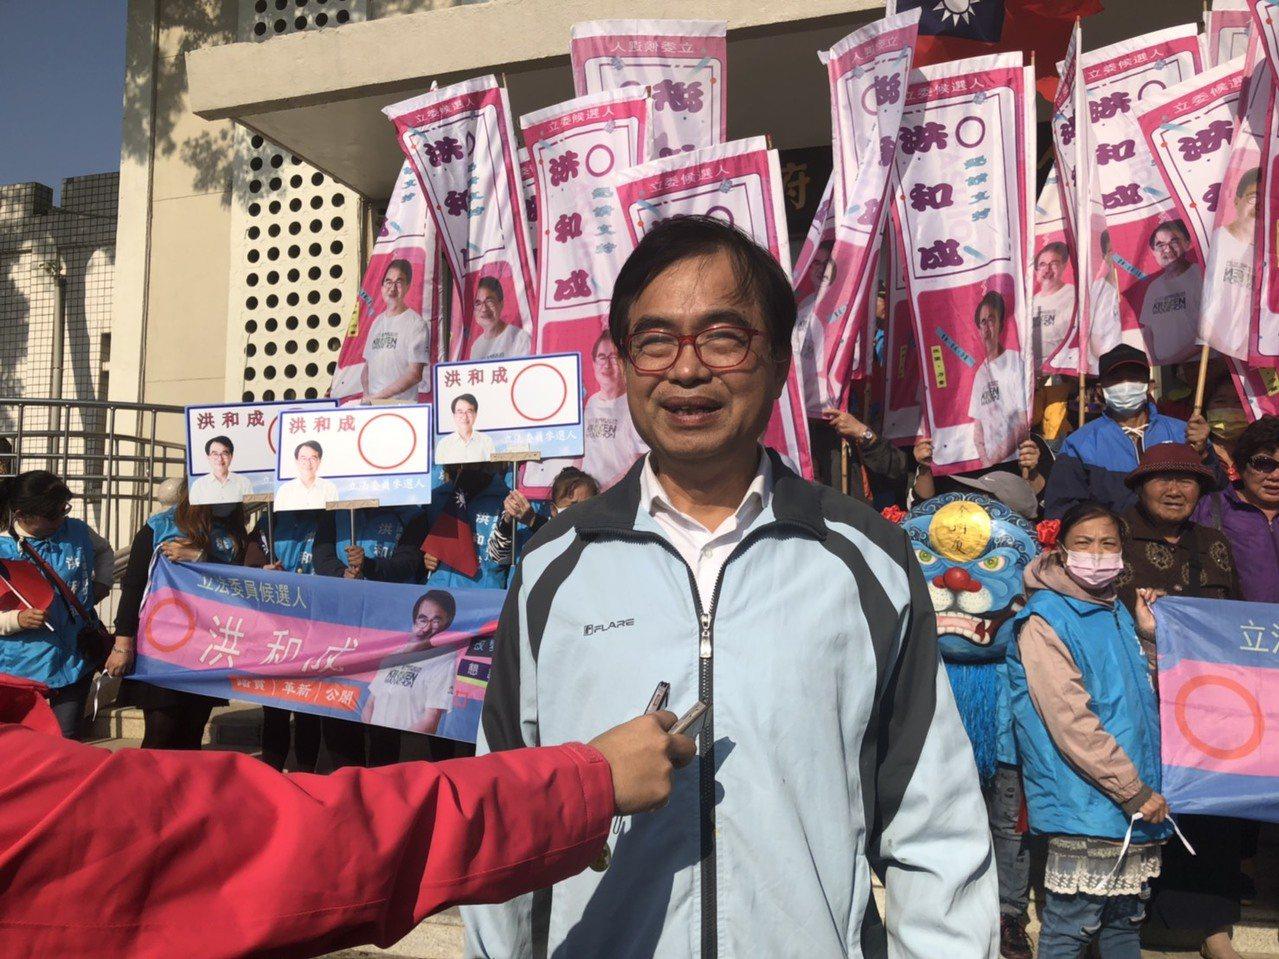 洪和成在受訪時表示,他的參選理由是:終絕政治世家世襲壟斷;改變金門選舉文化;改變...